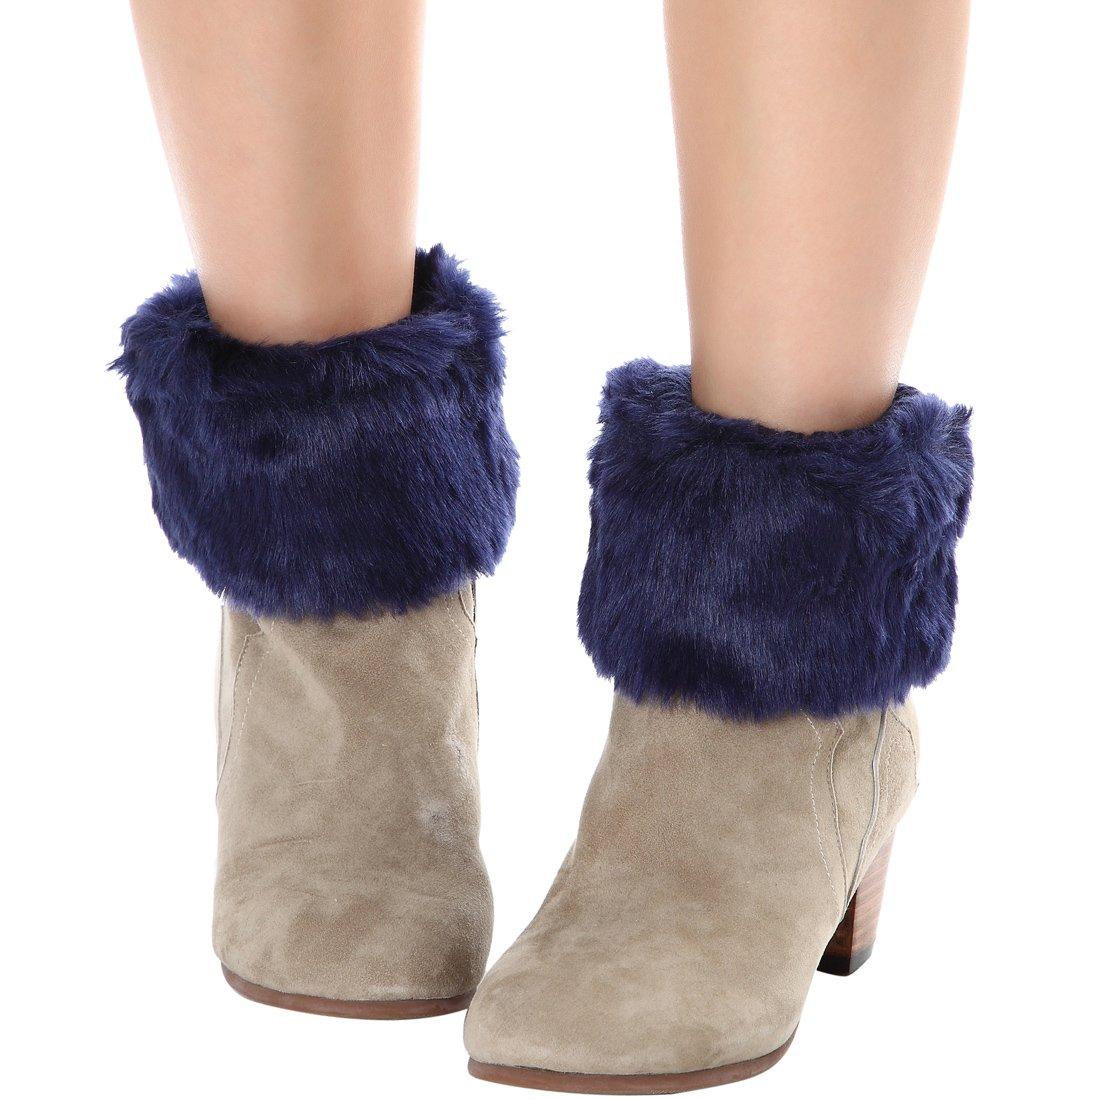 FAYBOX Women Winter Faux Fur Boot Cuff Knitting Leg Warmers Short WCA10031NV